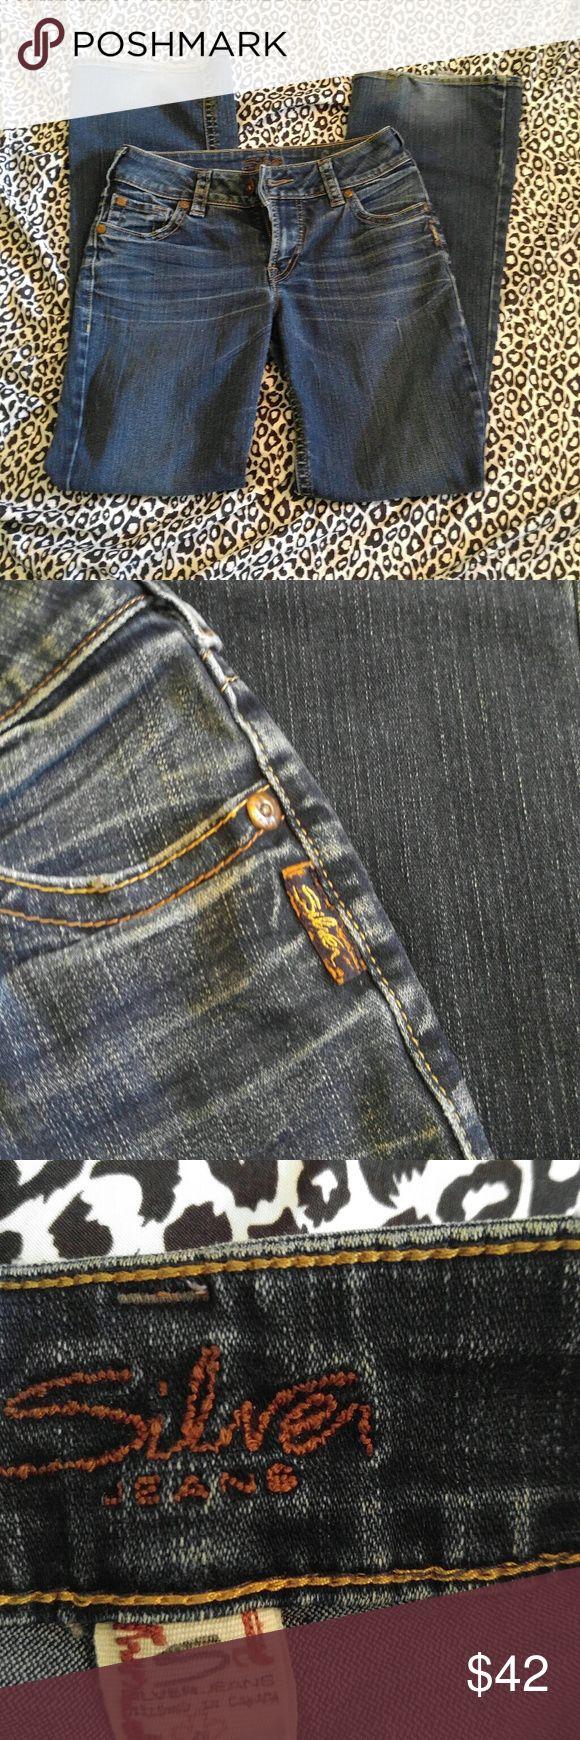 25  Best Ideas about Promo Jeans on Pinterest | Nouvelle converse ...